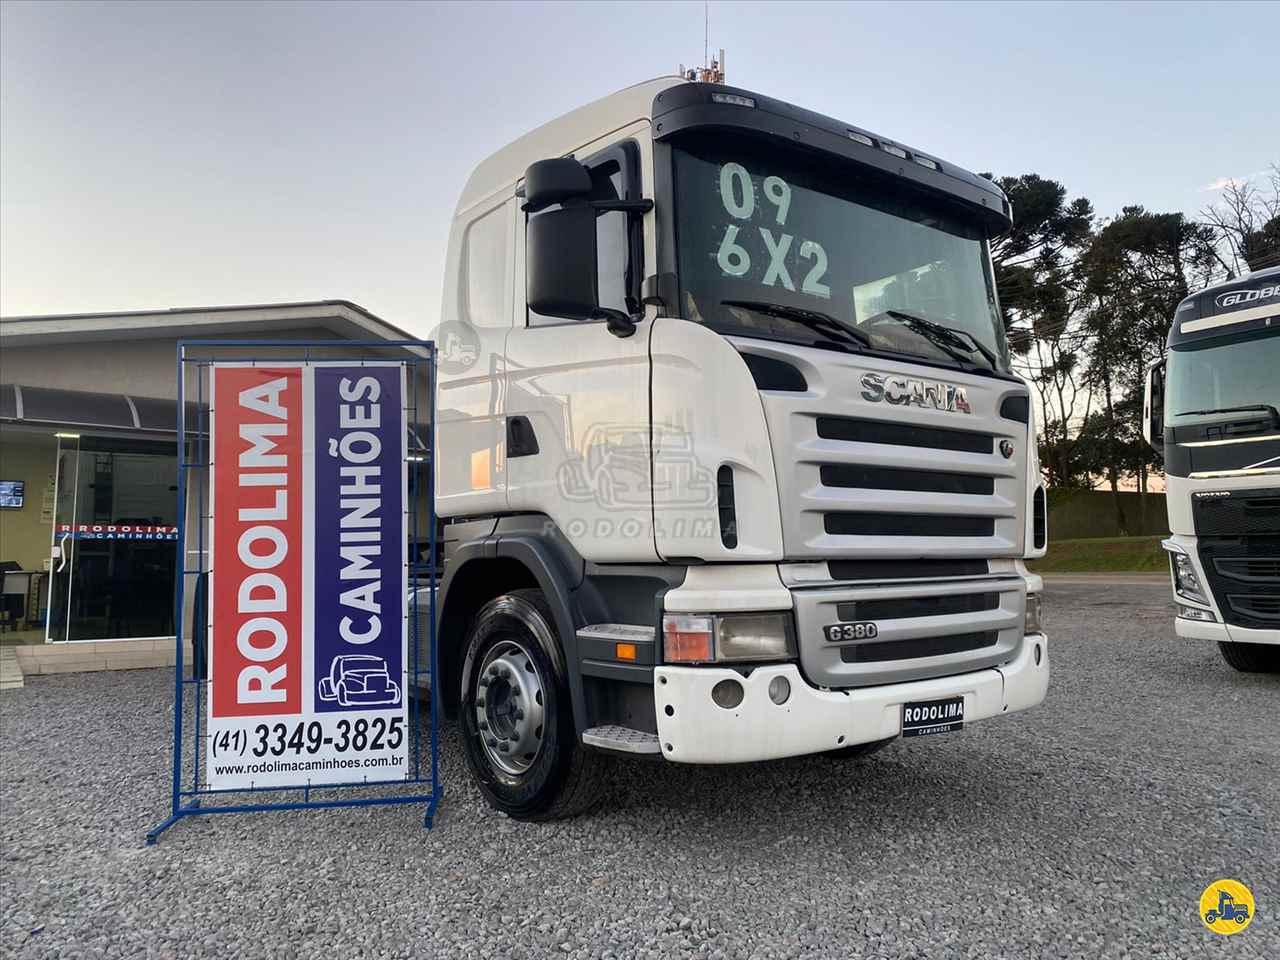 CAMINHAO SCANIA SCANIA 380 Cavalo Mecânico Truck 6x2 Rodolima Caminhões CURITIBA PARANÁ PR